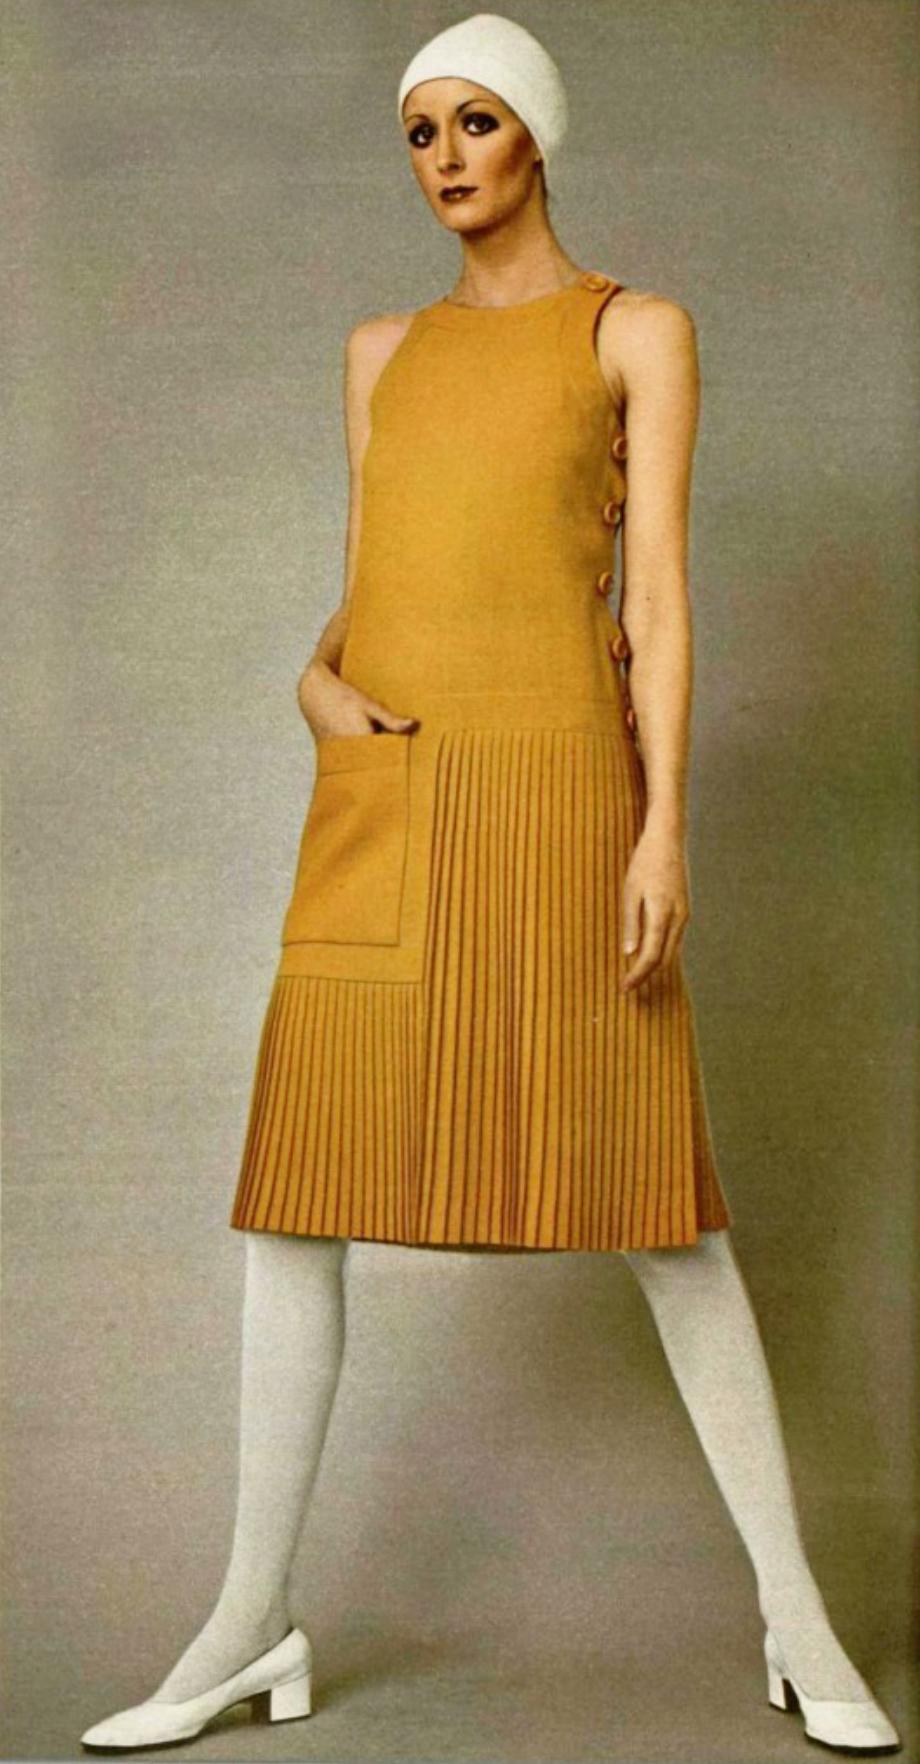 L'officiel magazine - 1971, Pierre Cardin                                                                                                                                                                                 More